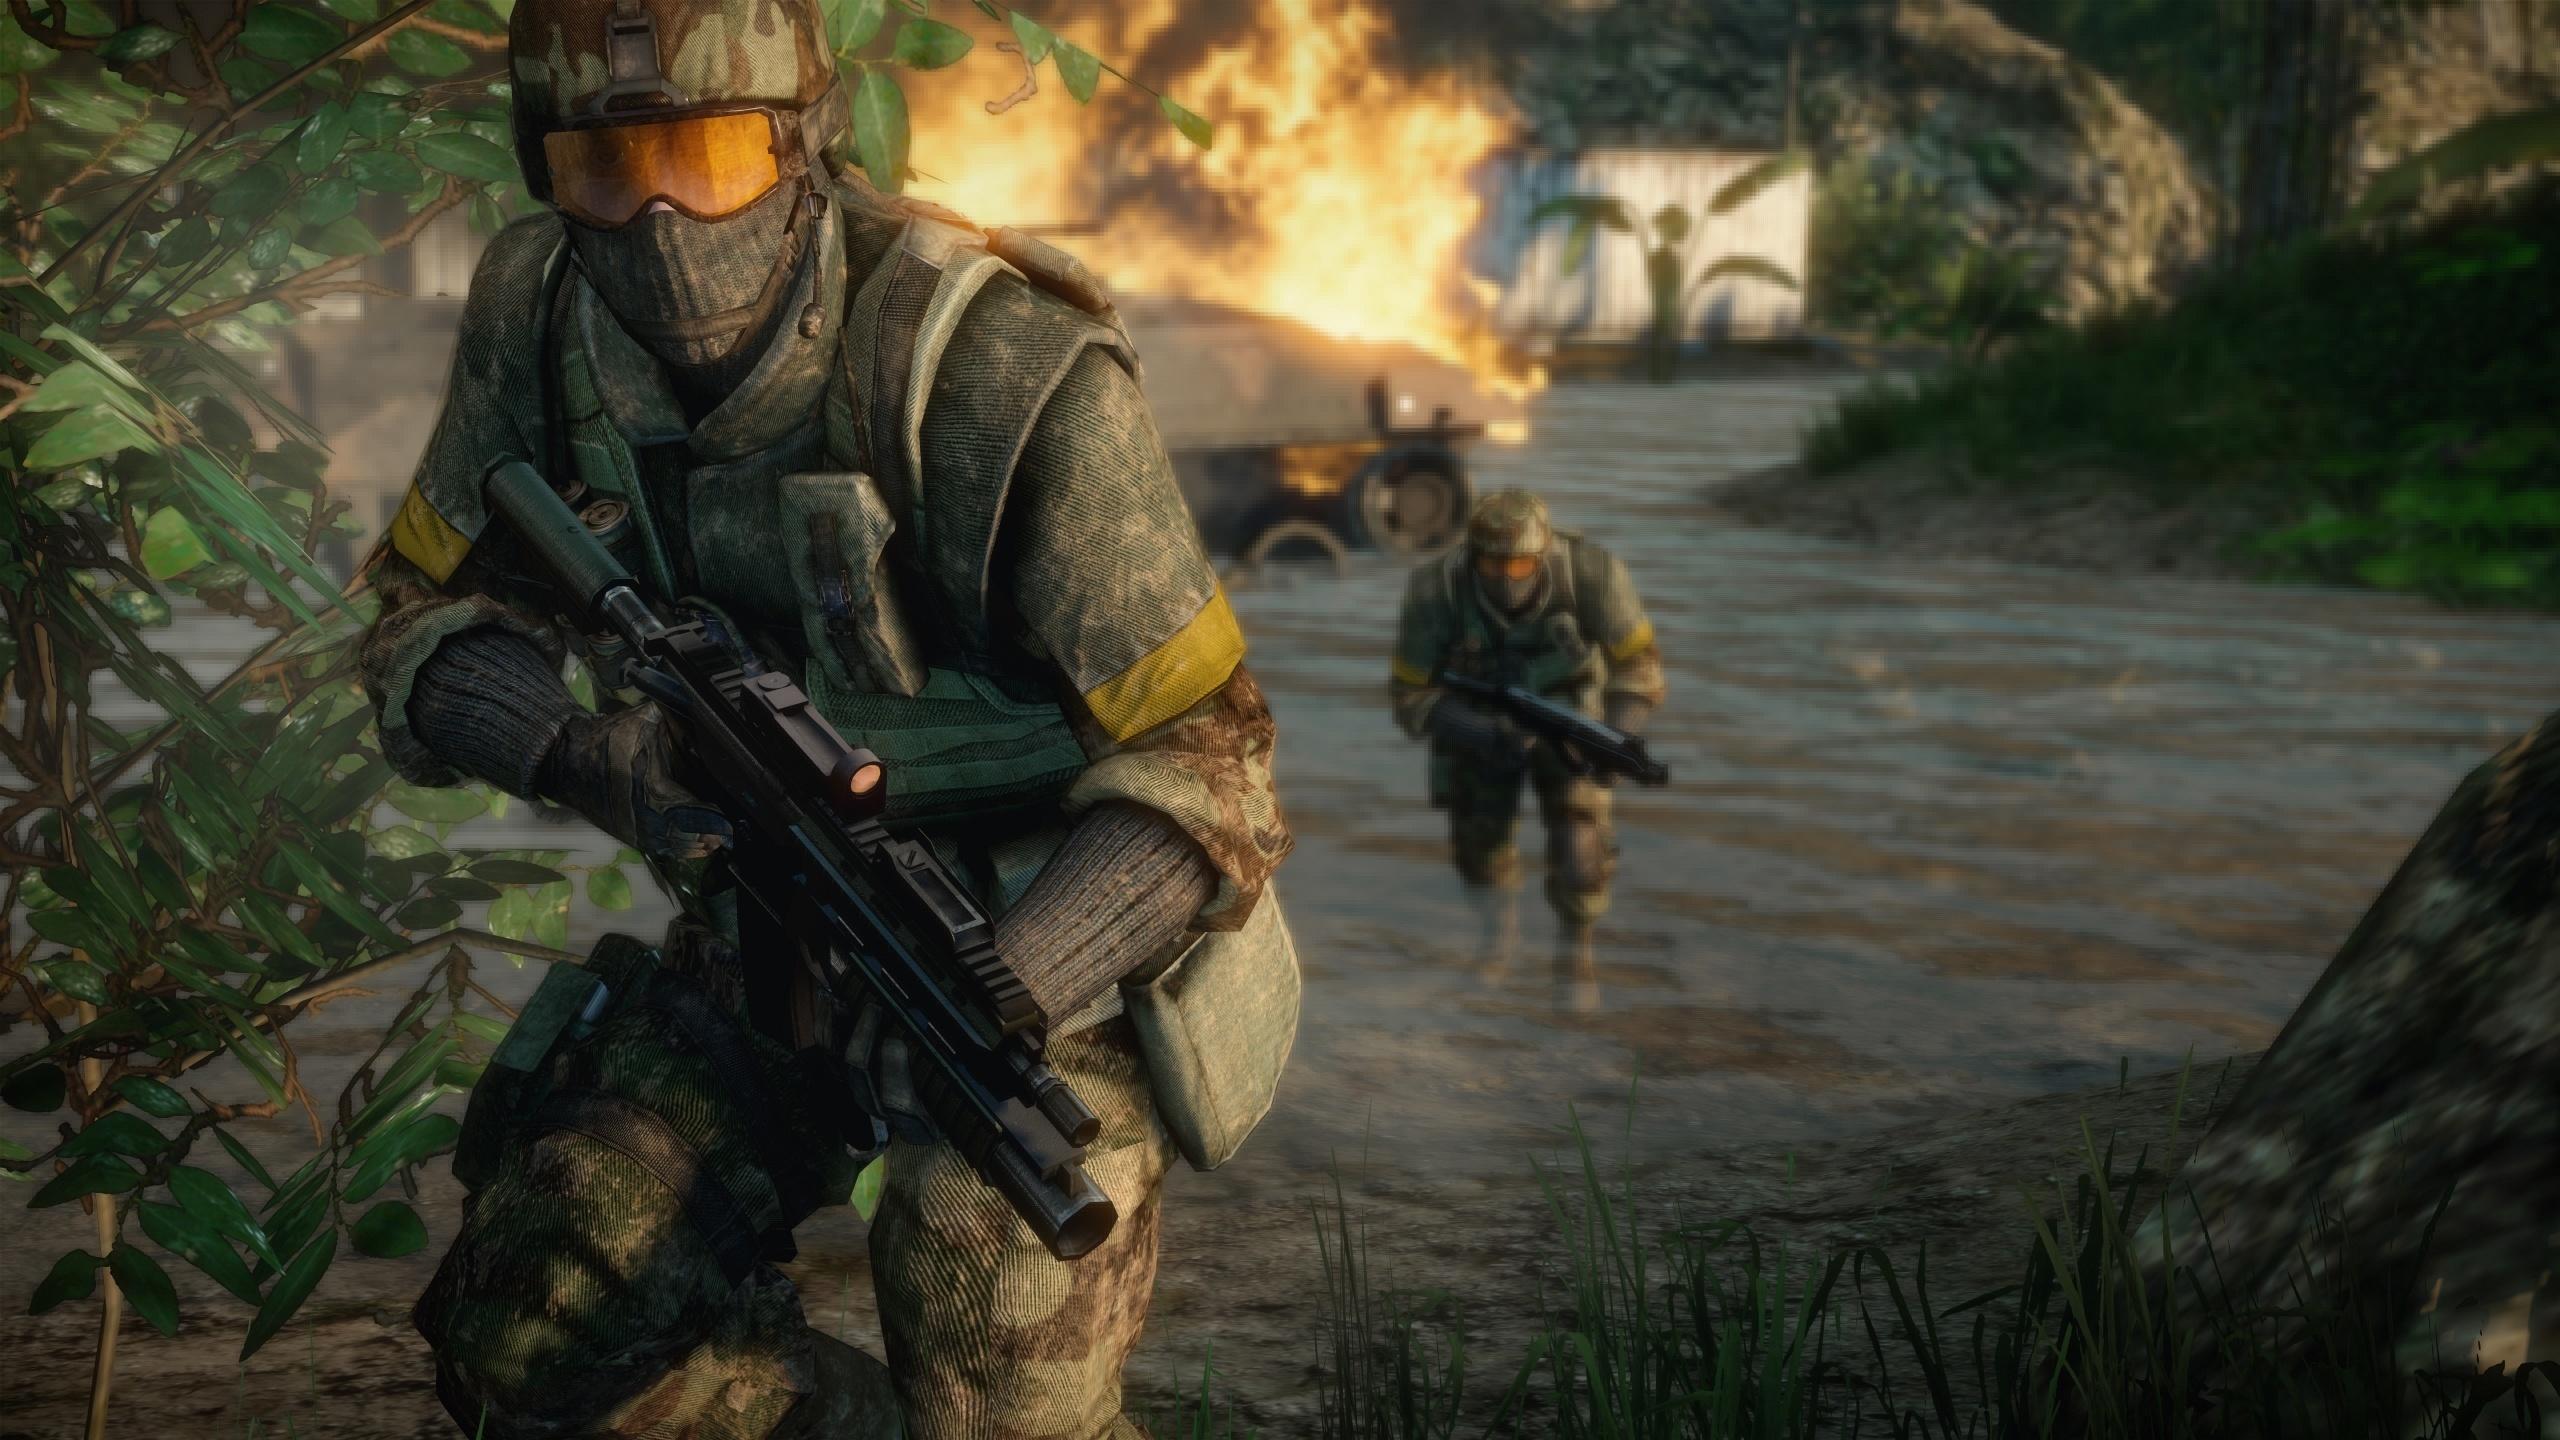 wallpapers battlefield battlefield 2 games 2560x1440